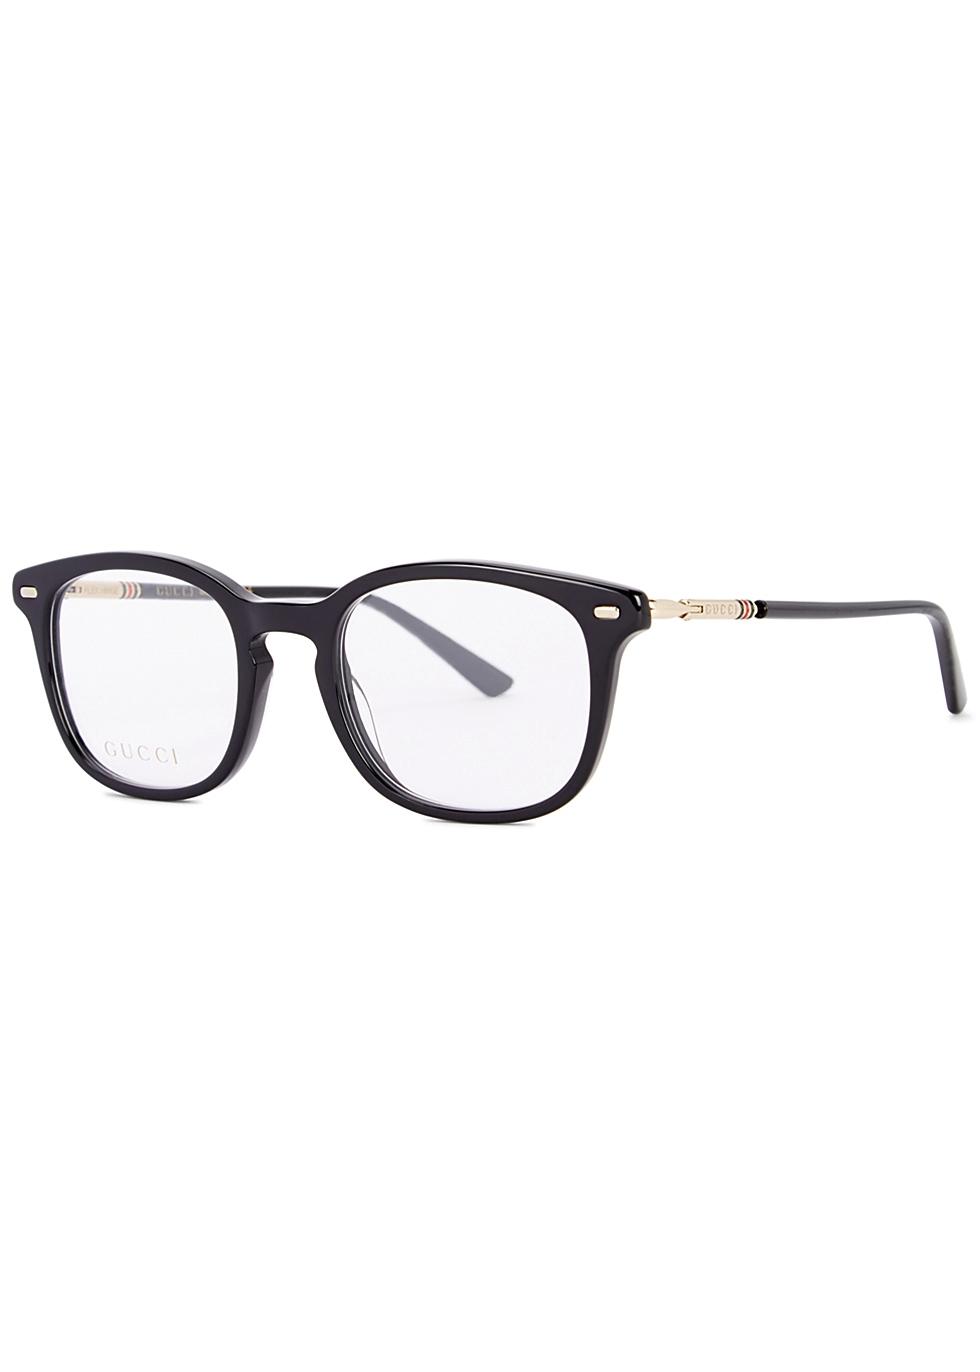 3f58496be1 Gucci Sunglasses - Womens - Harvey Nichols